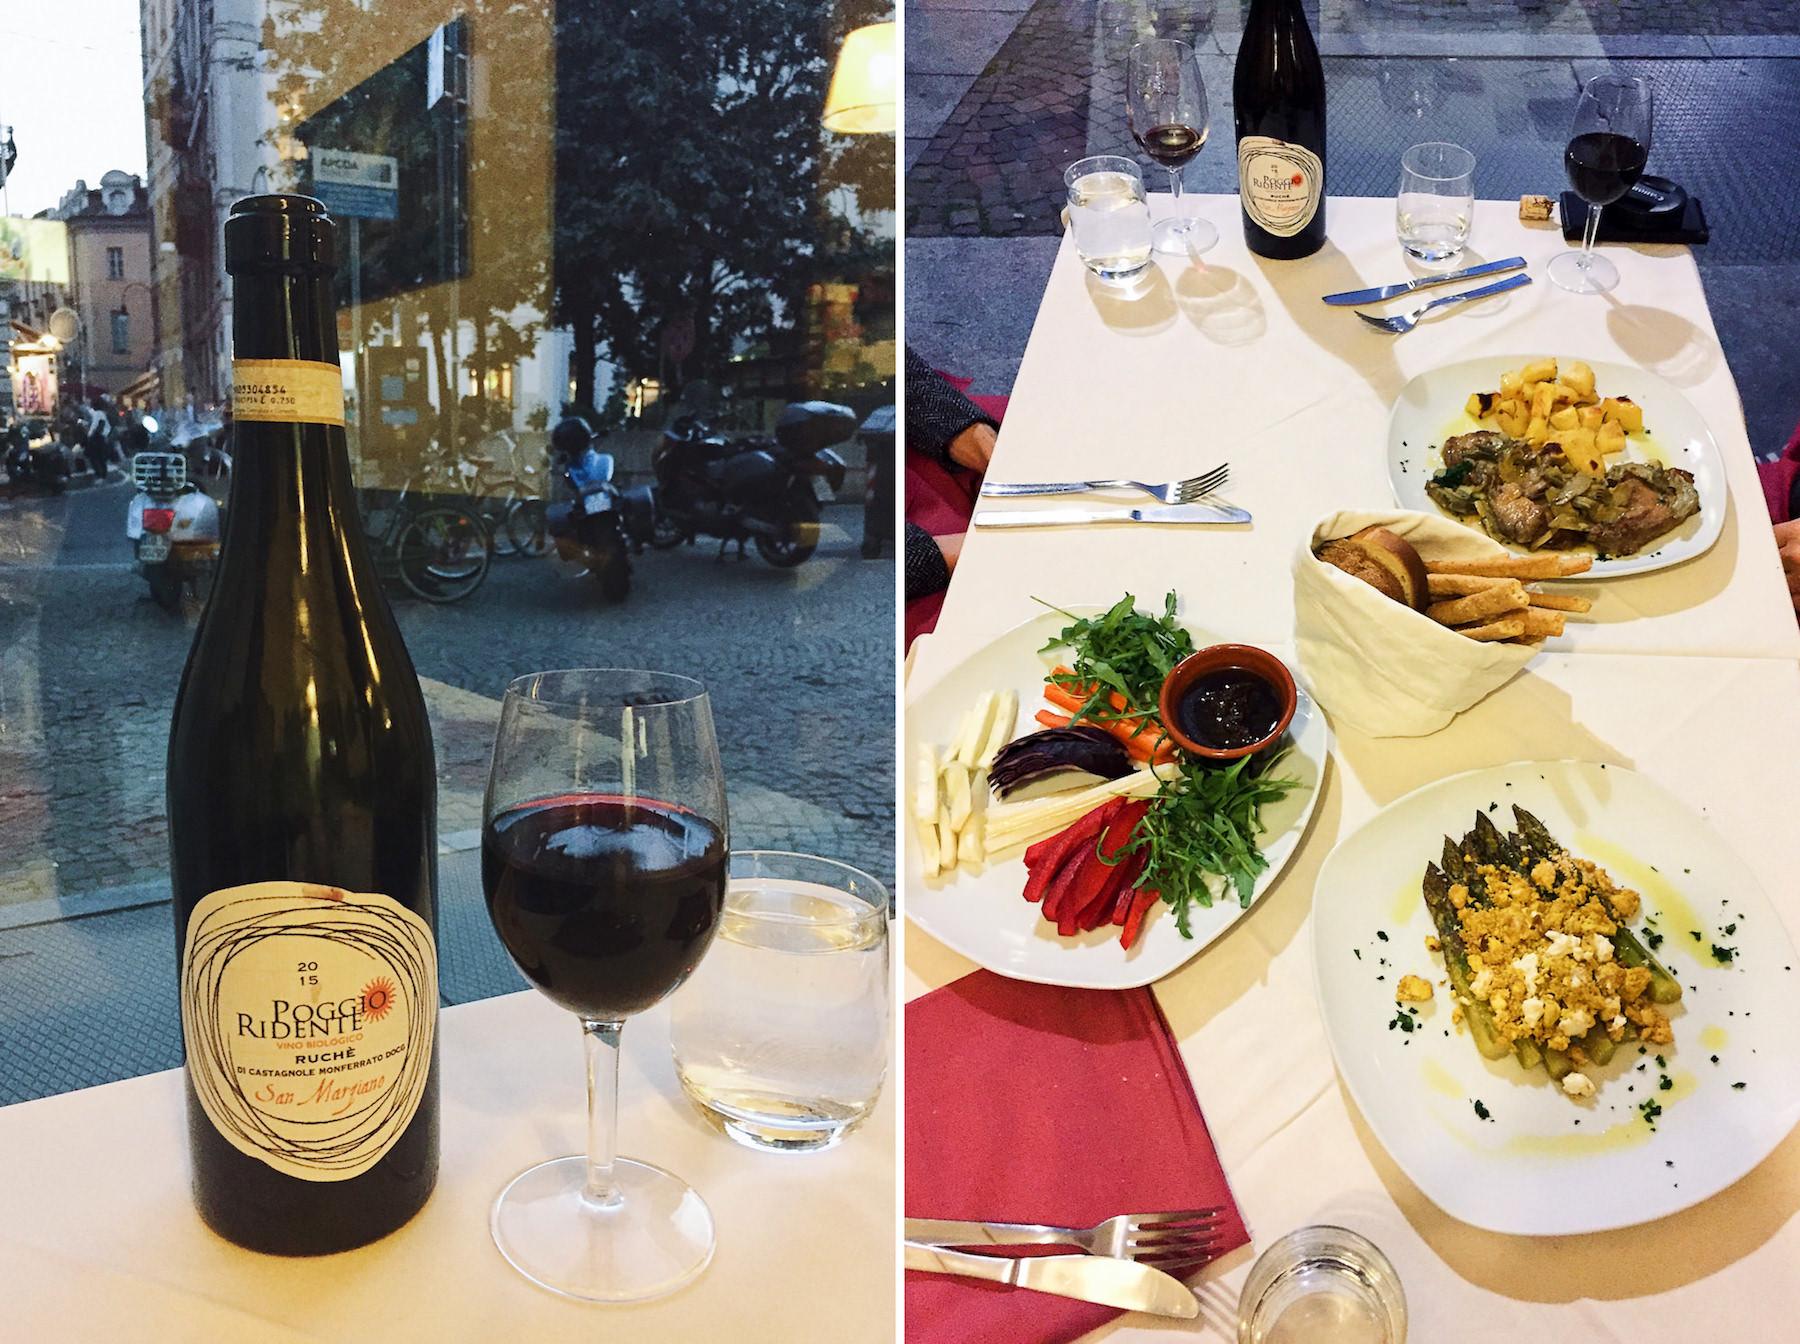 Turin: Mezzaluna Ristorante Vegano e Biologico